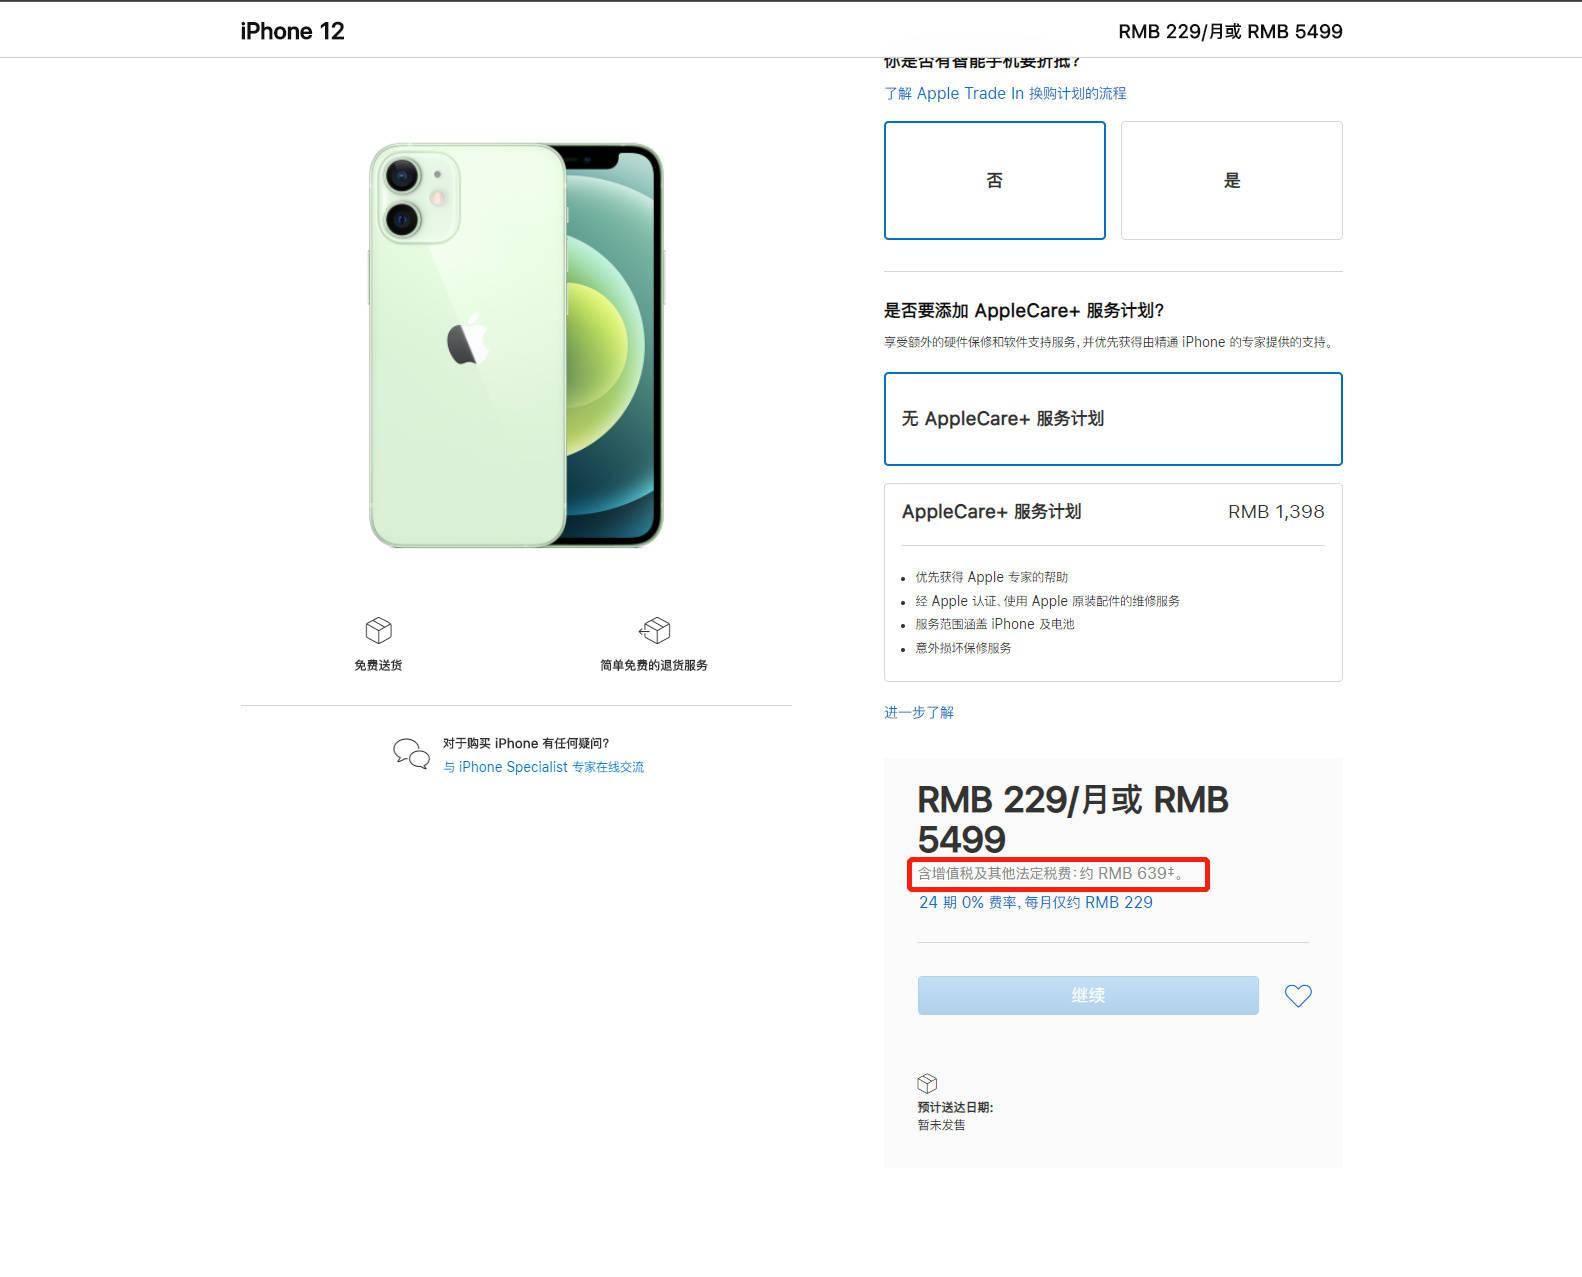 琼版 iPhone 12 系列售价曝光:4784 元起